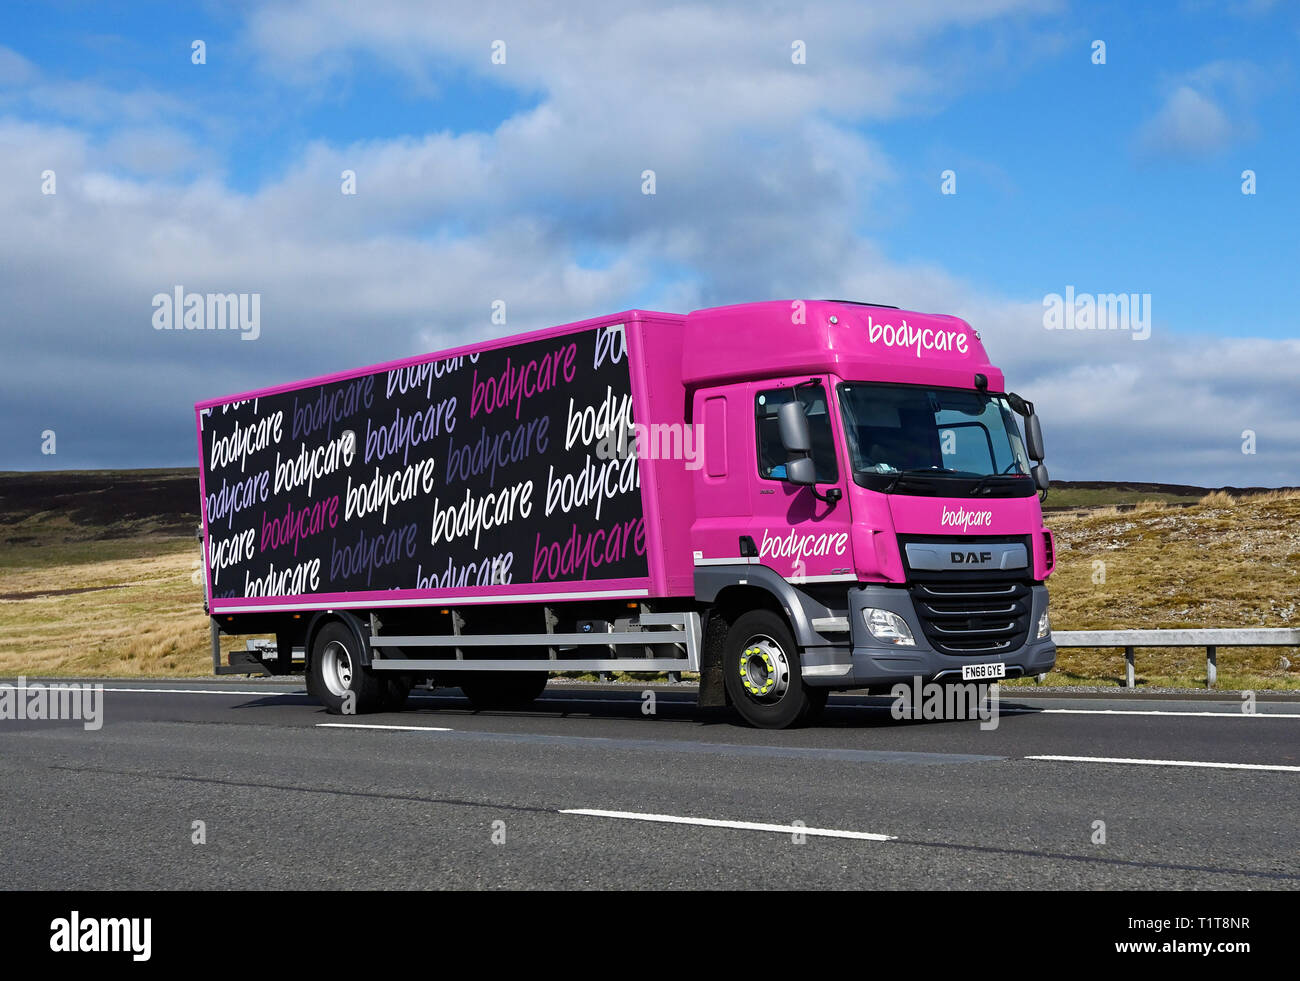 Bodycare HGV. M6 Motorway, Southbound, Shap, Cumbria, England, United Kingdom, Europe. - Stock Image